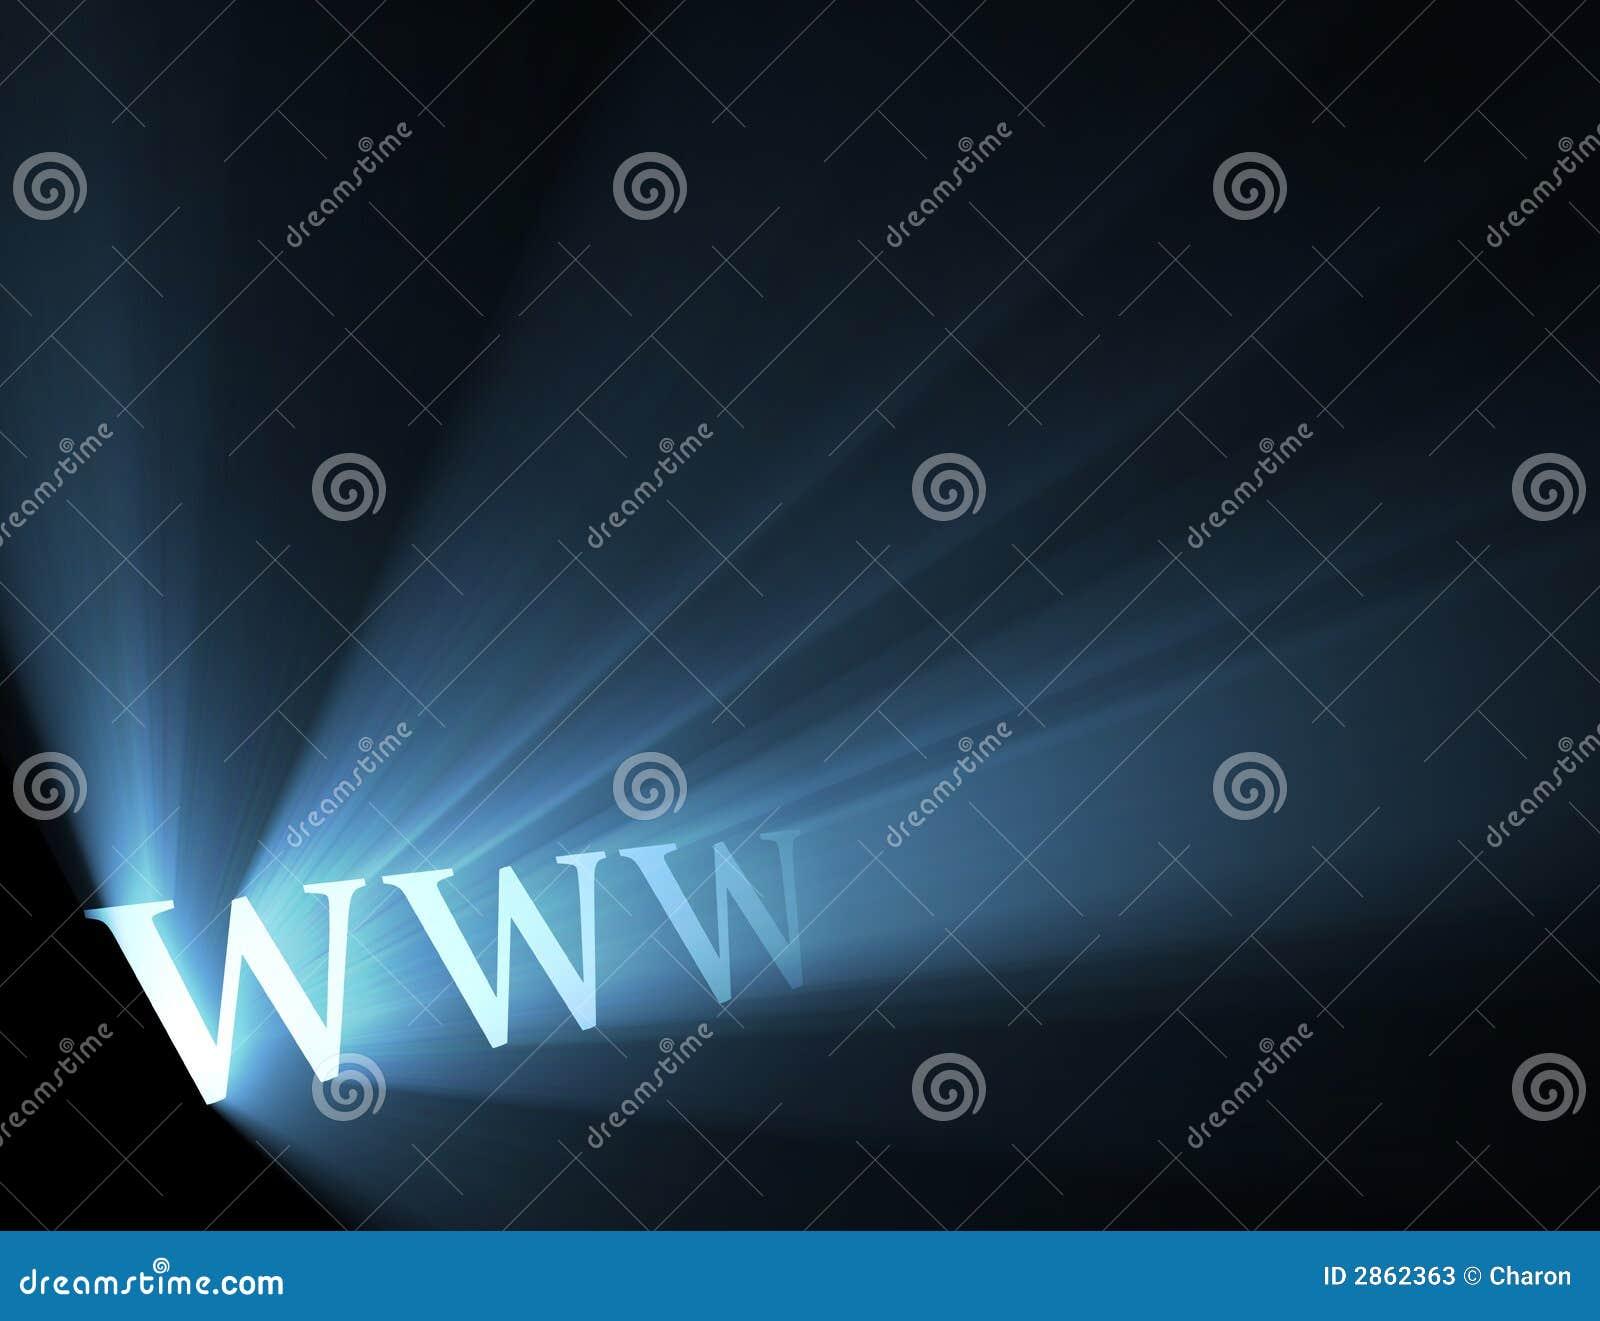 μπλε ευρύς κόσμος Ιστού φλογών ελαφρύς www